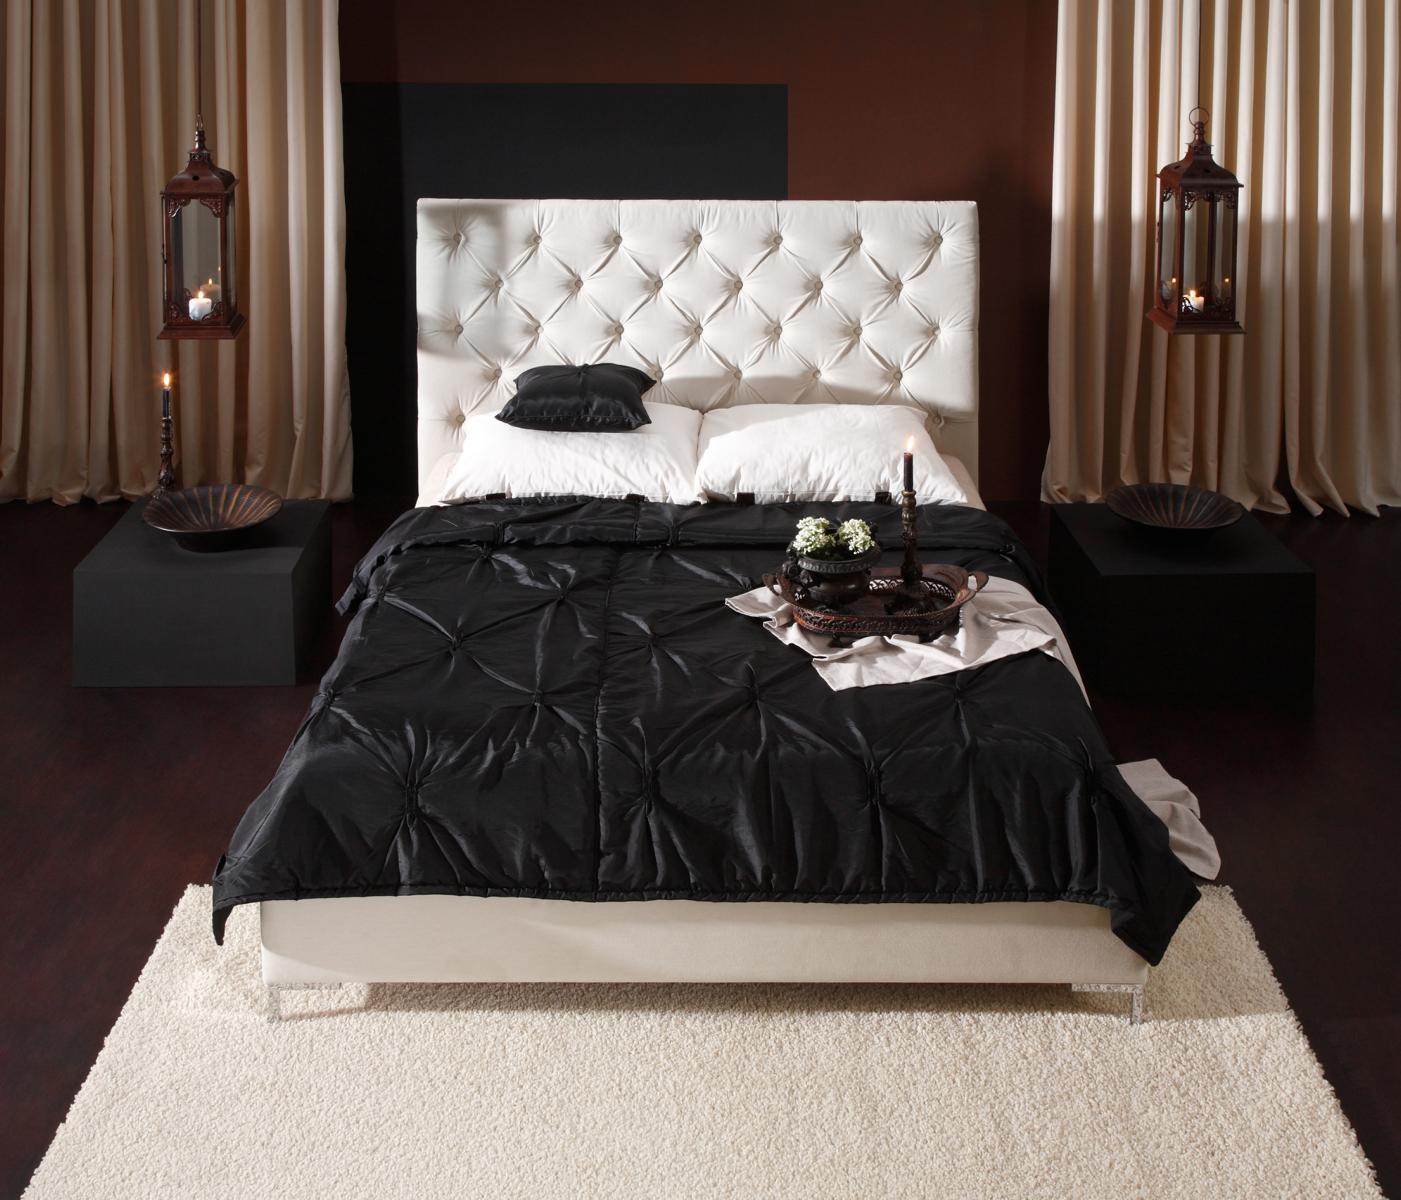 Barockes Bett Bilder Ideen Couch